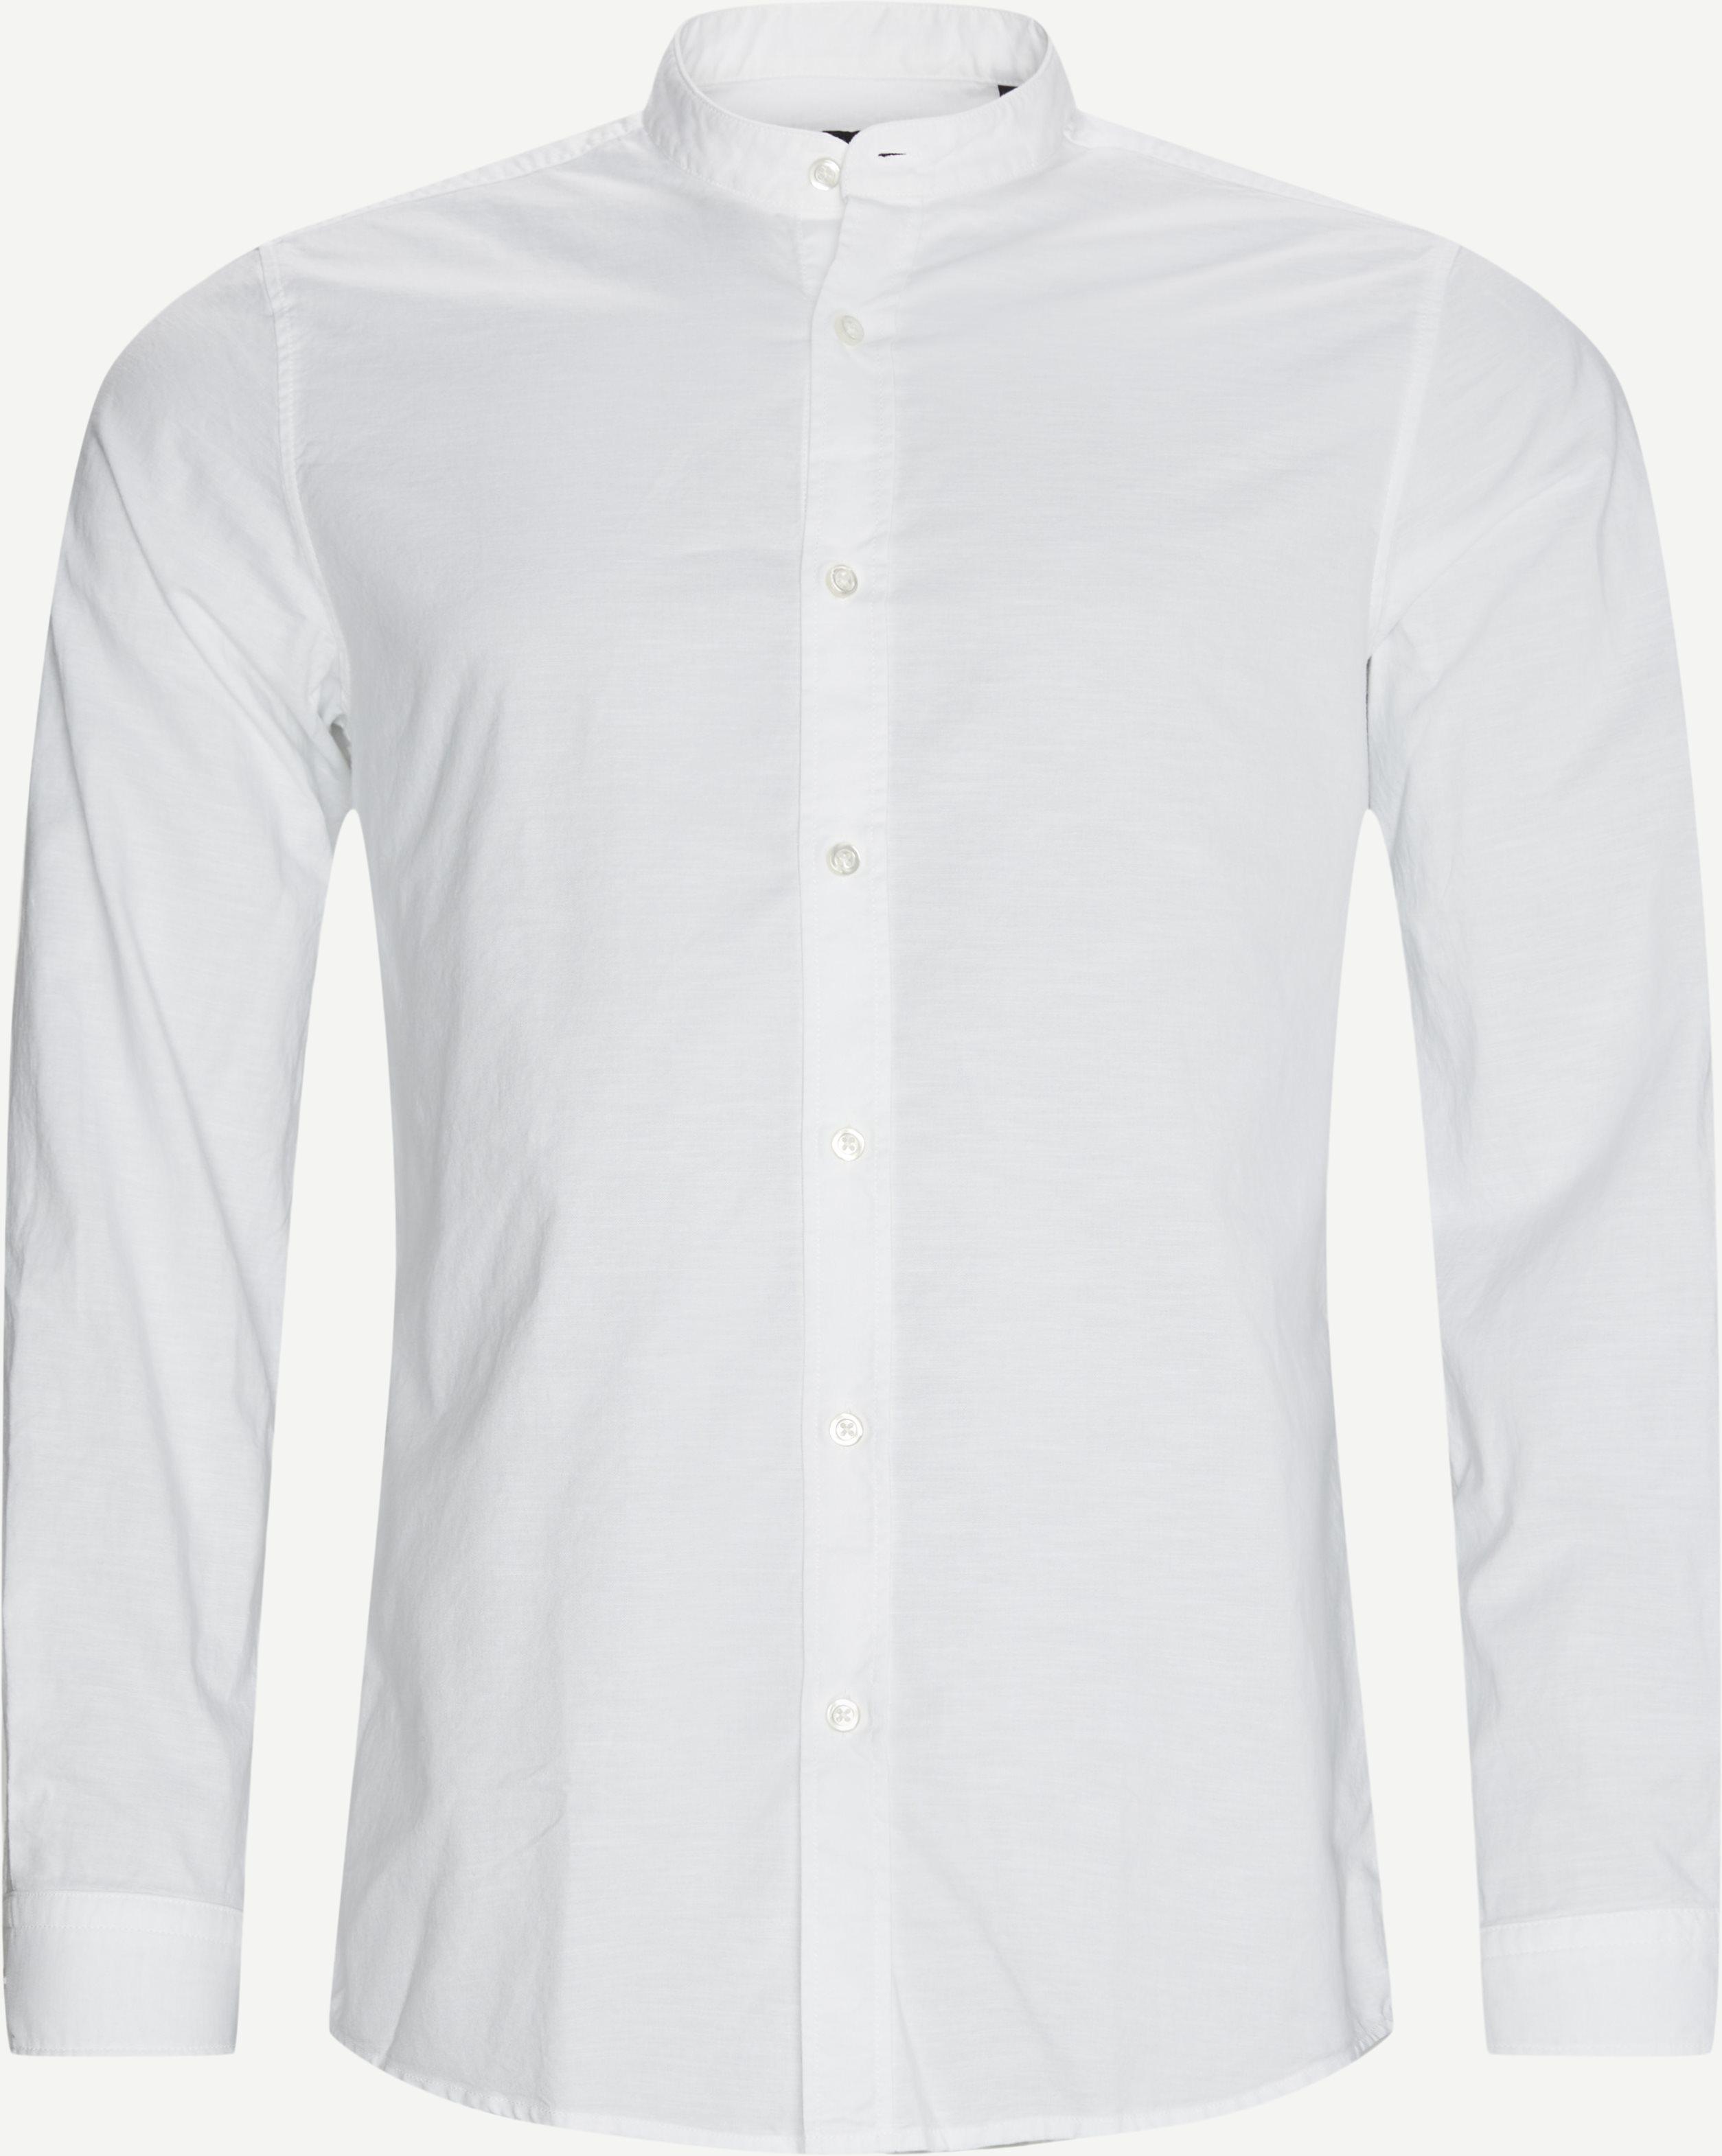 Race Skjorte - Skjortor - Regular - Vit